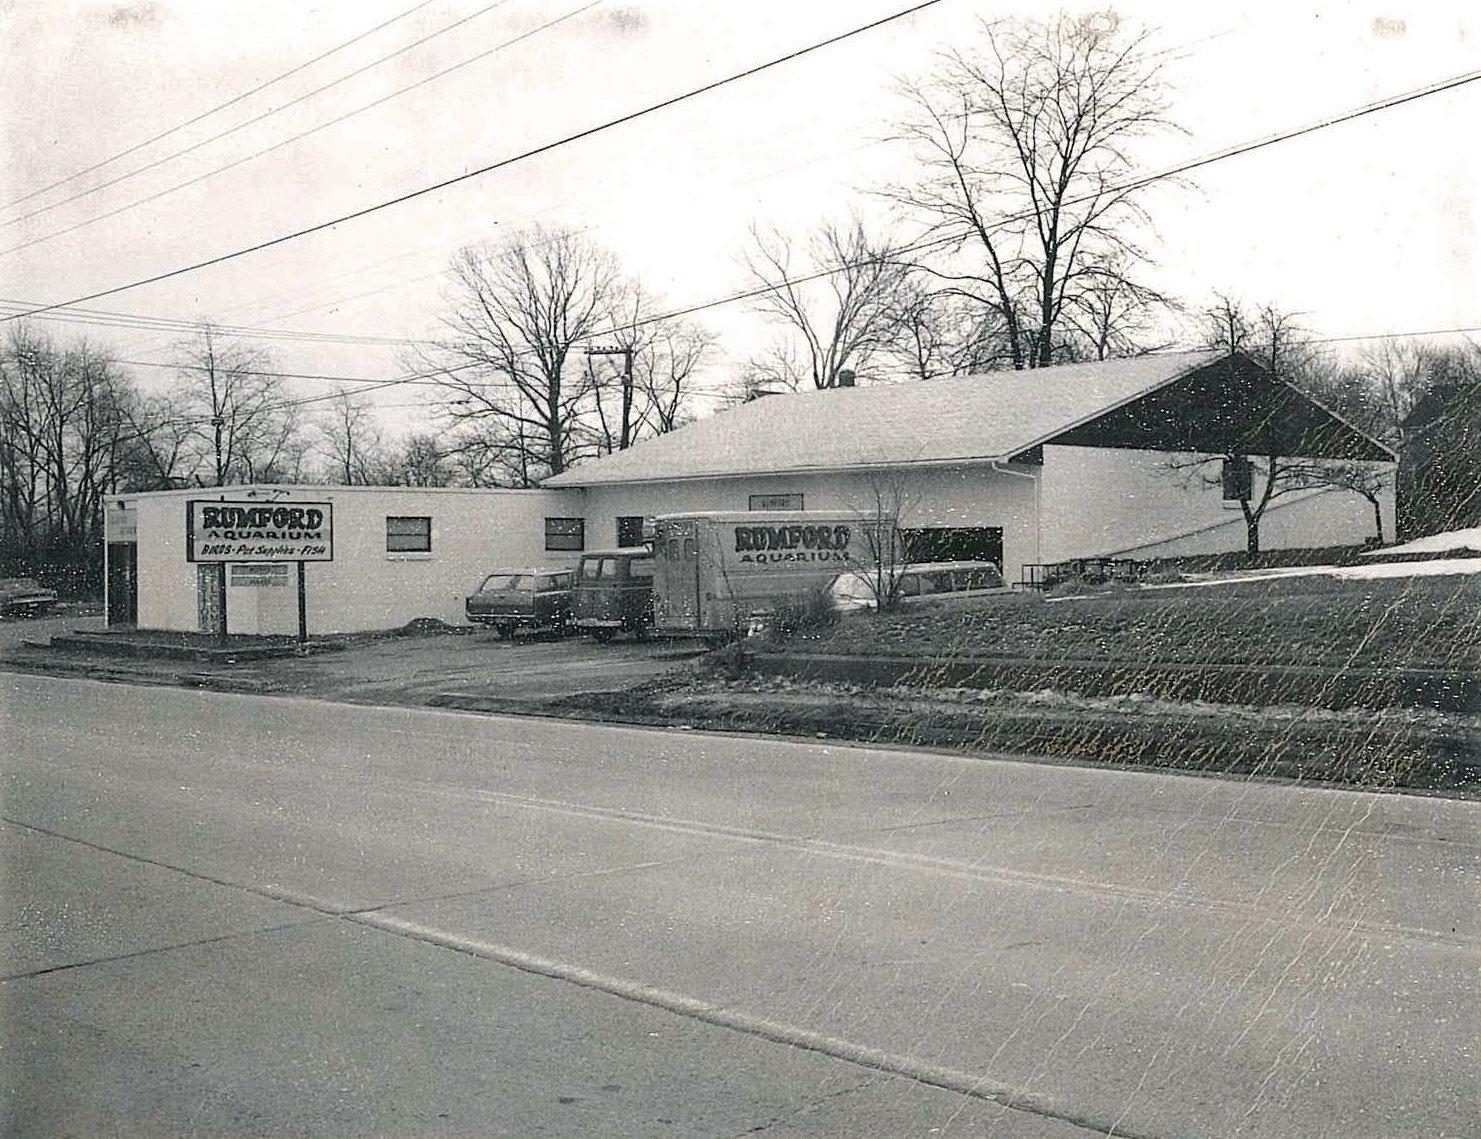 Rumford Aquarium - Circa 1959